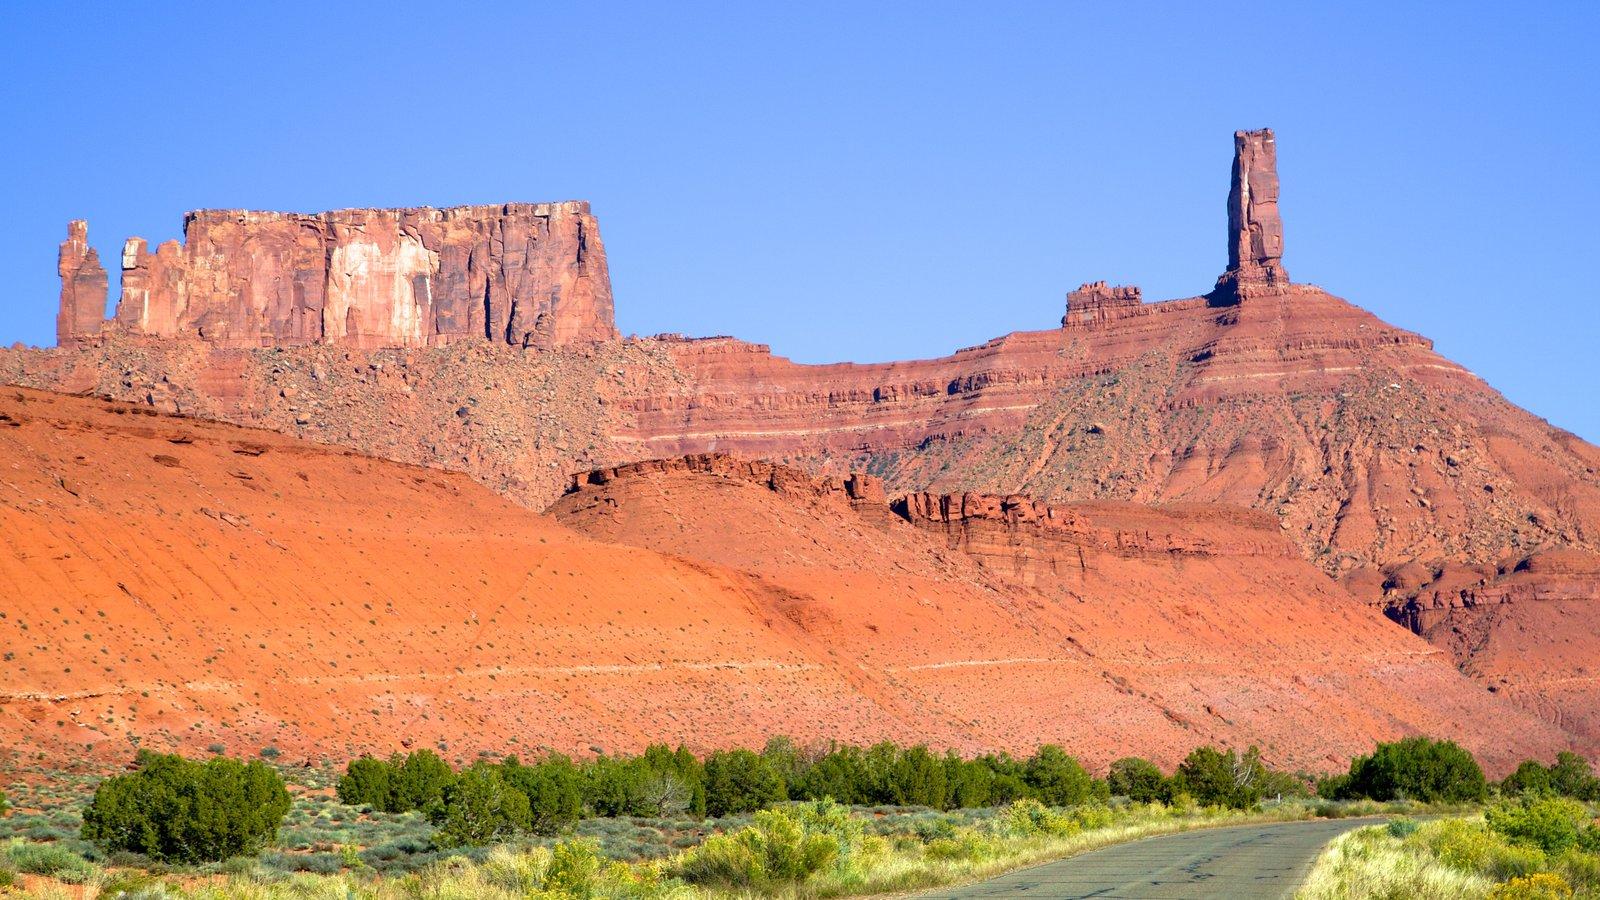 Moab que incluye escenas tranquilas y vistas de paisajes